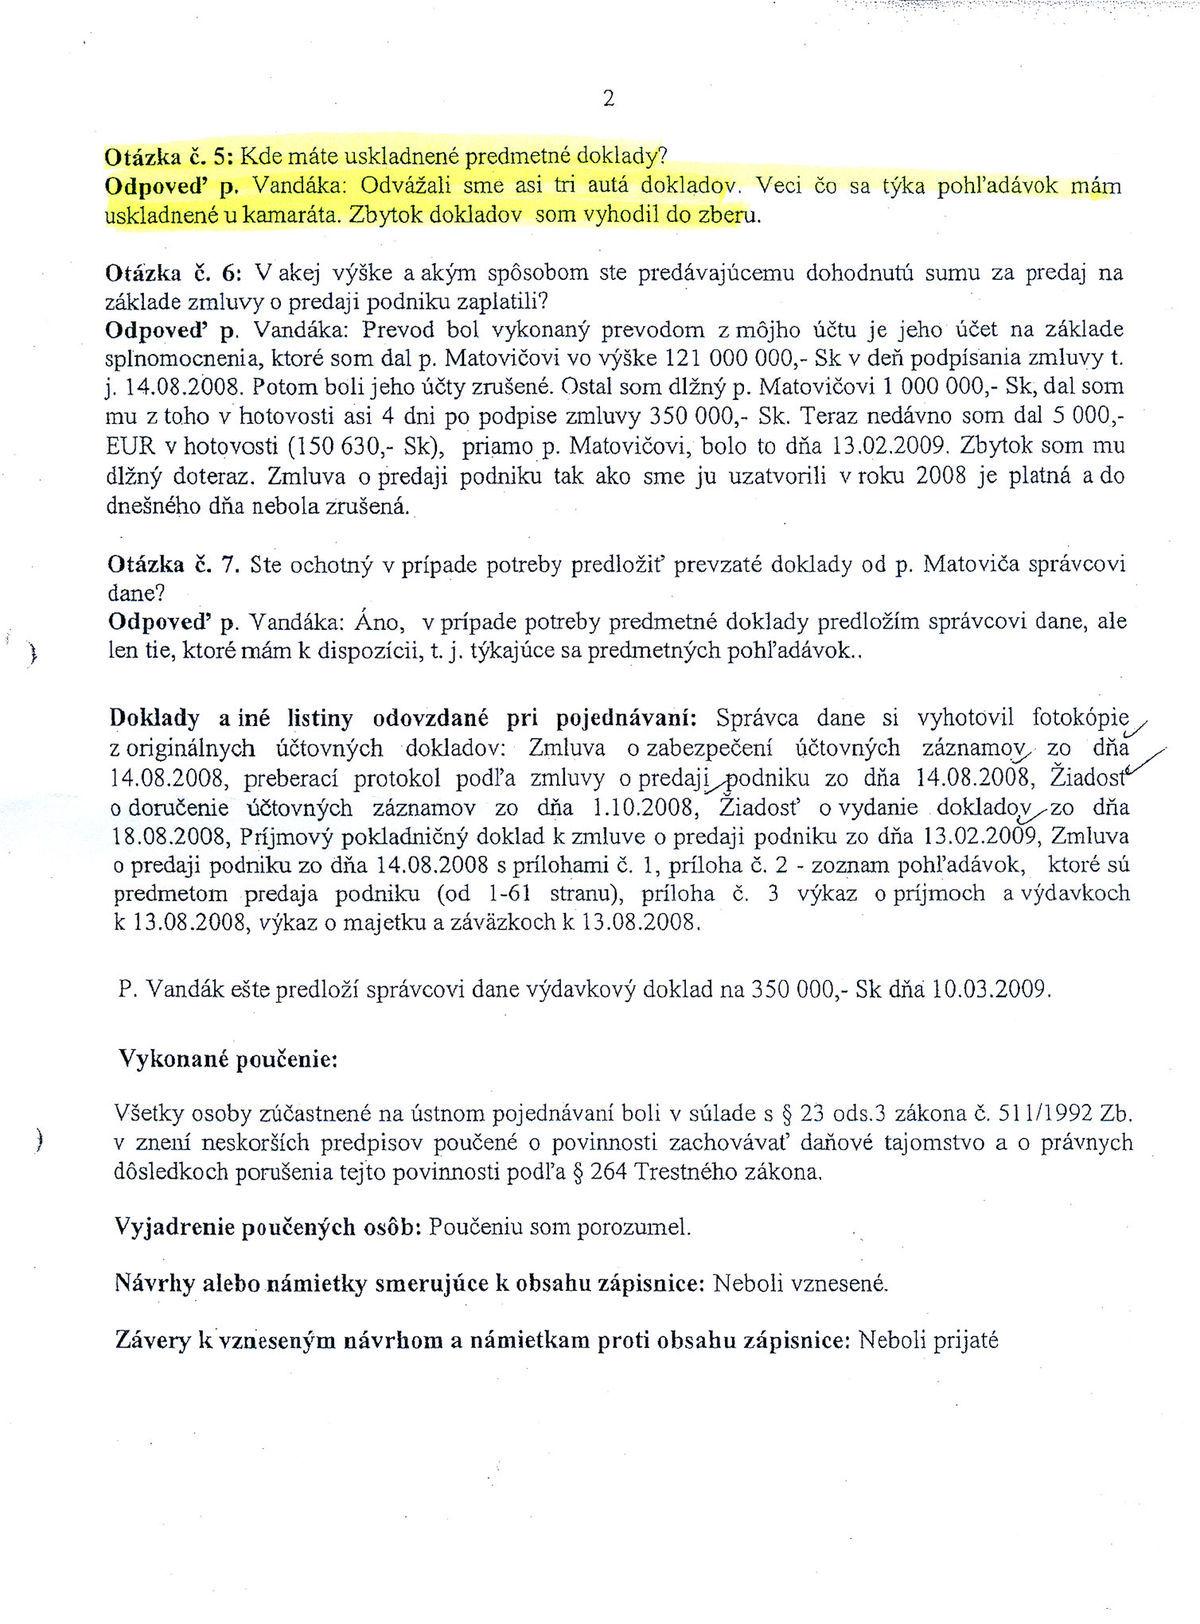 Zápisnica o ústnom pojednávaní, daňový úrad Trnava, strana 2.